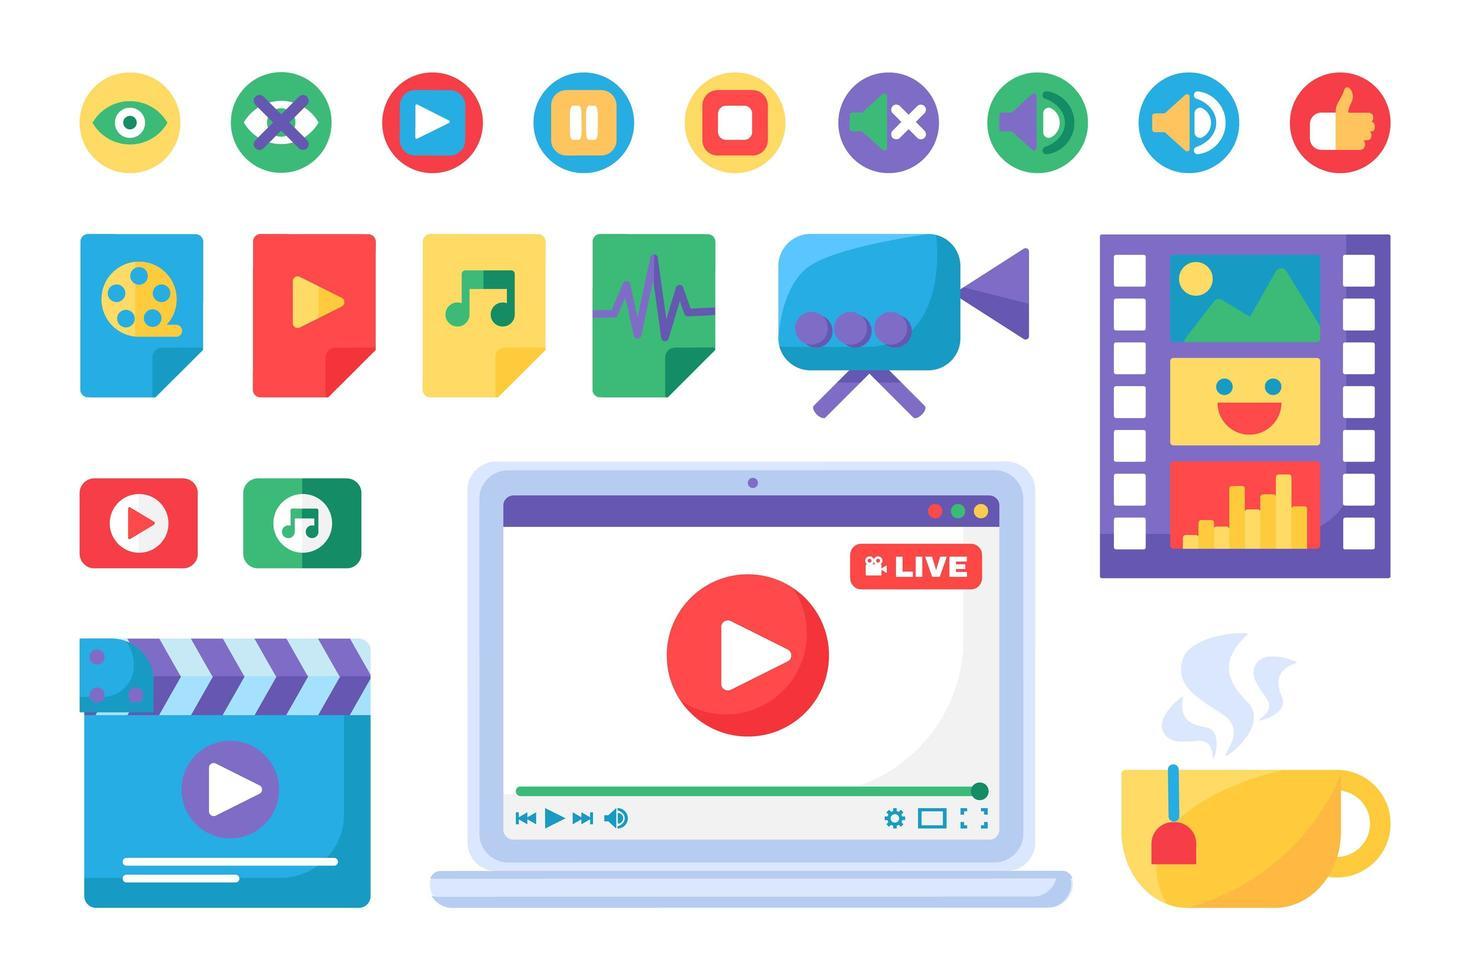 Los iconos y botones del reproductor multimedia establecen diseño plano vector